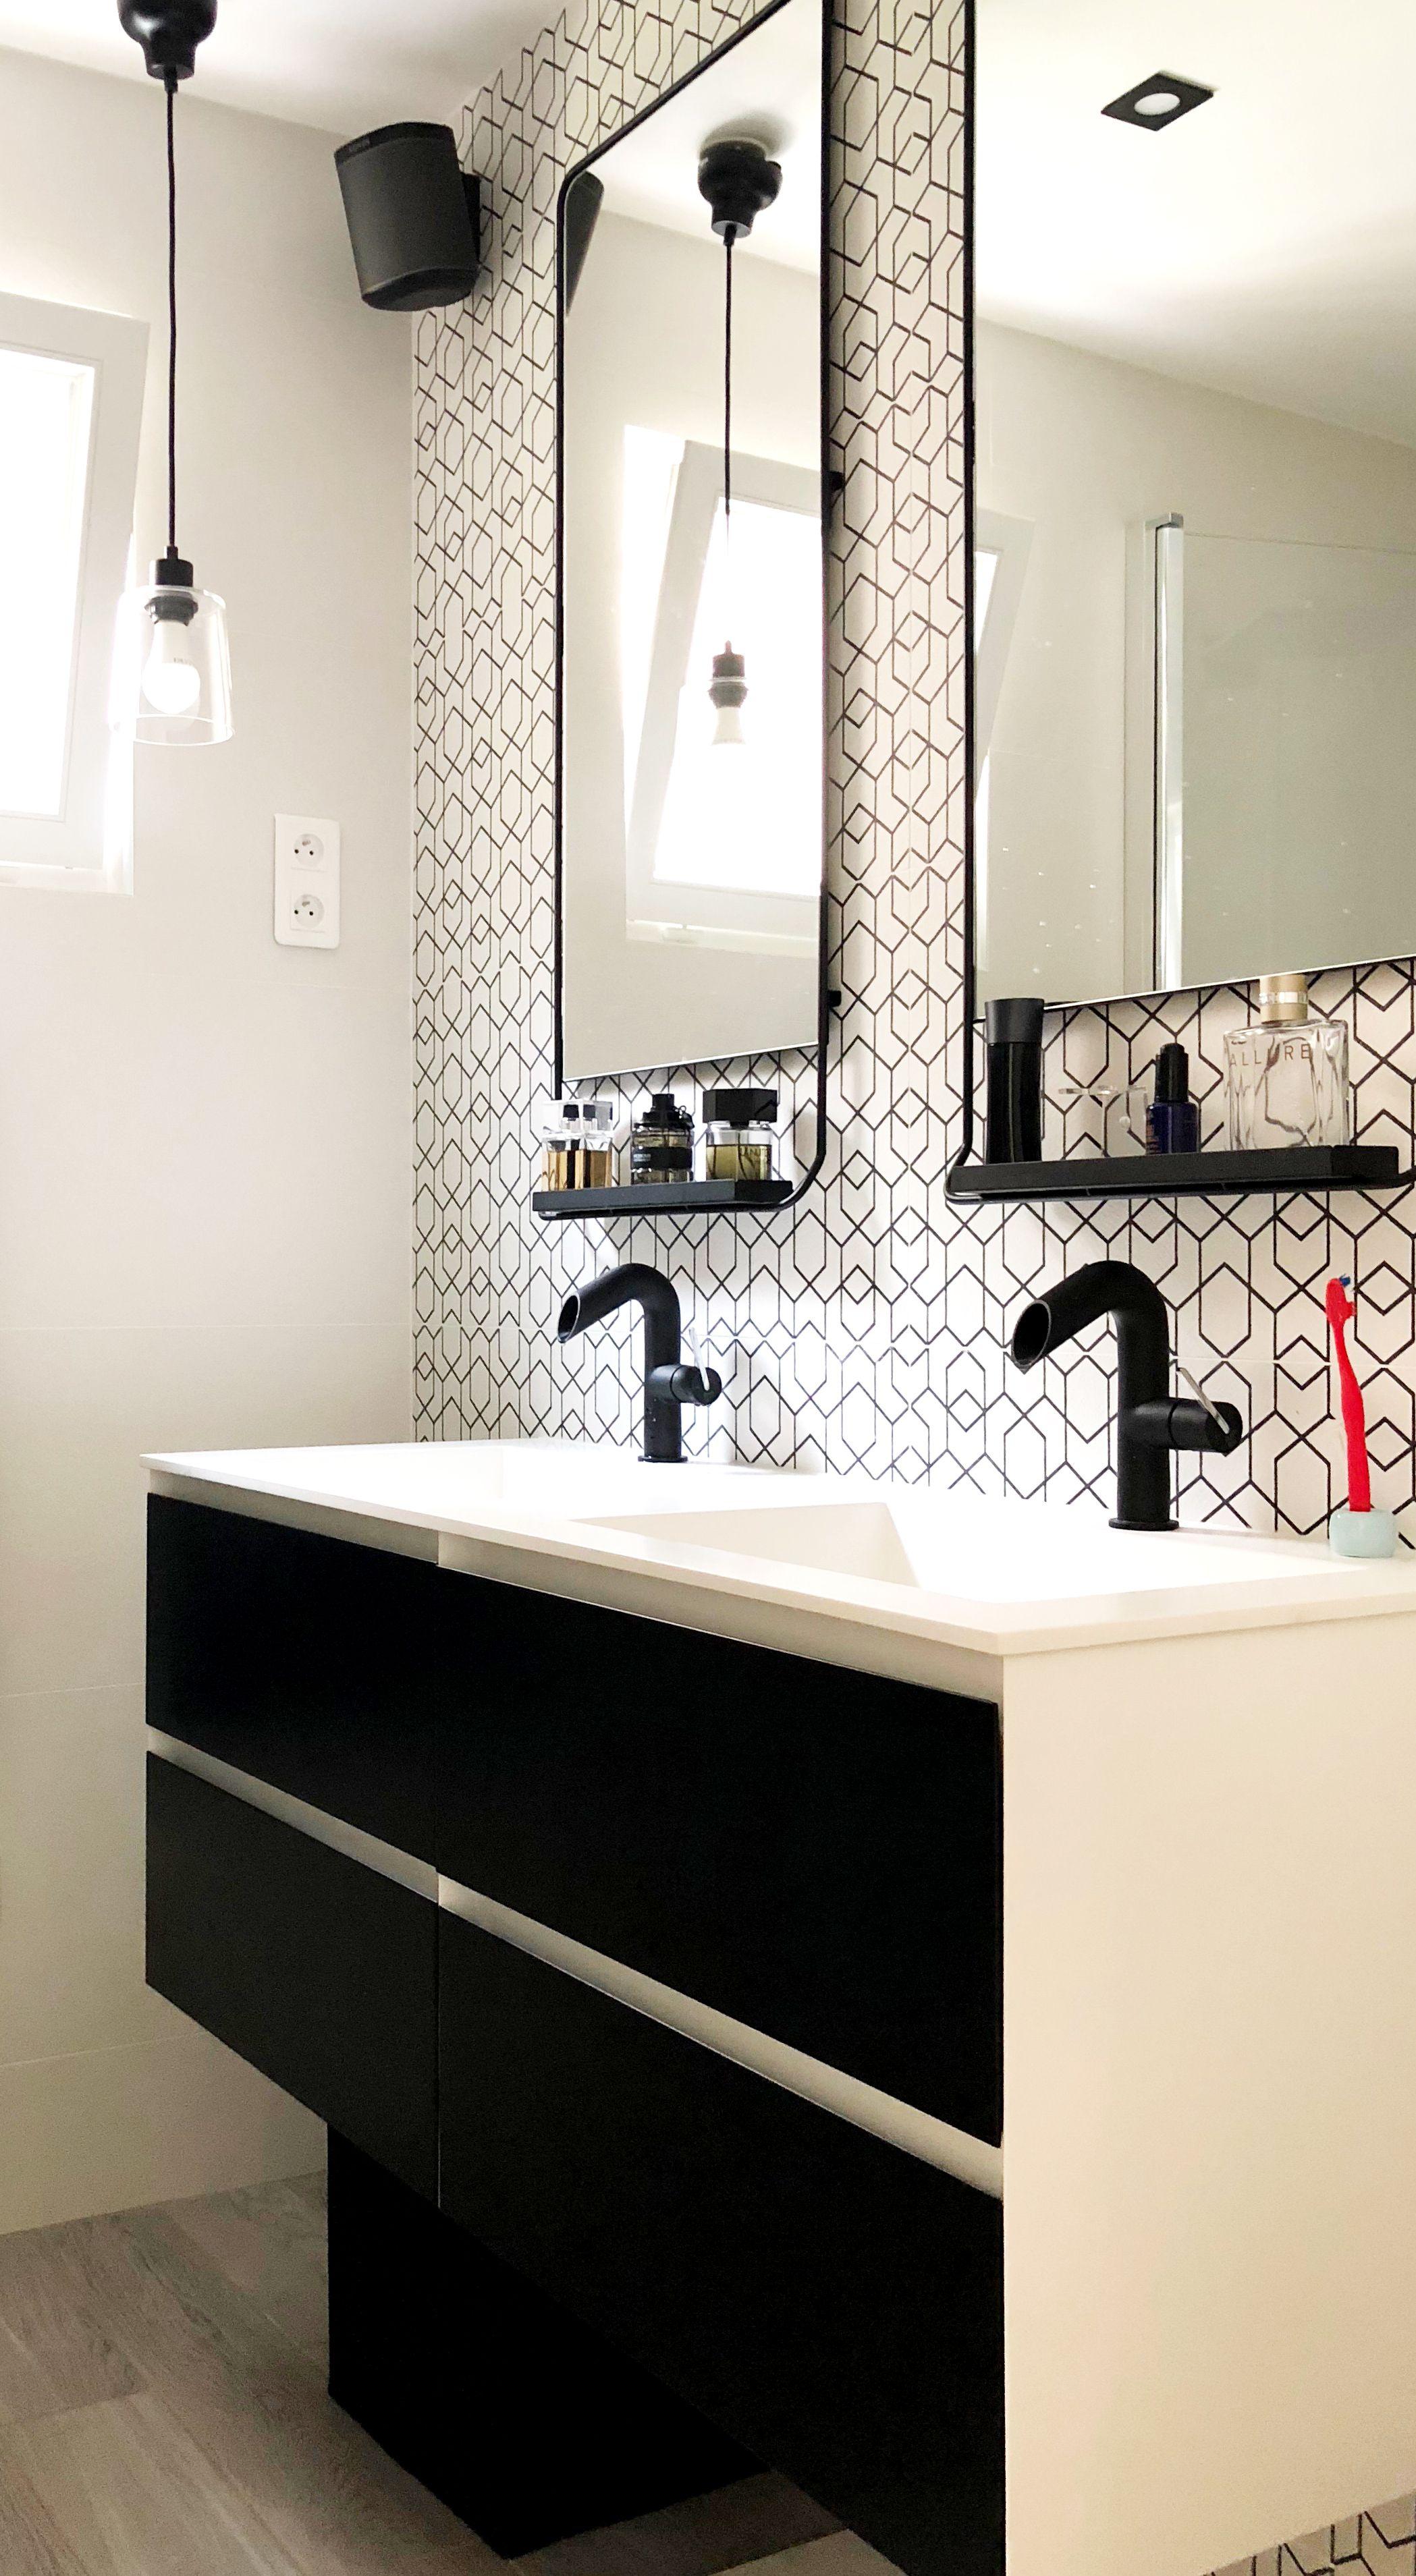 Miroir Salle De Bain 120 Cm Épinglé sur bathroom inspiration / inspirations salle de bain